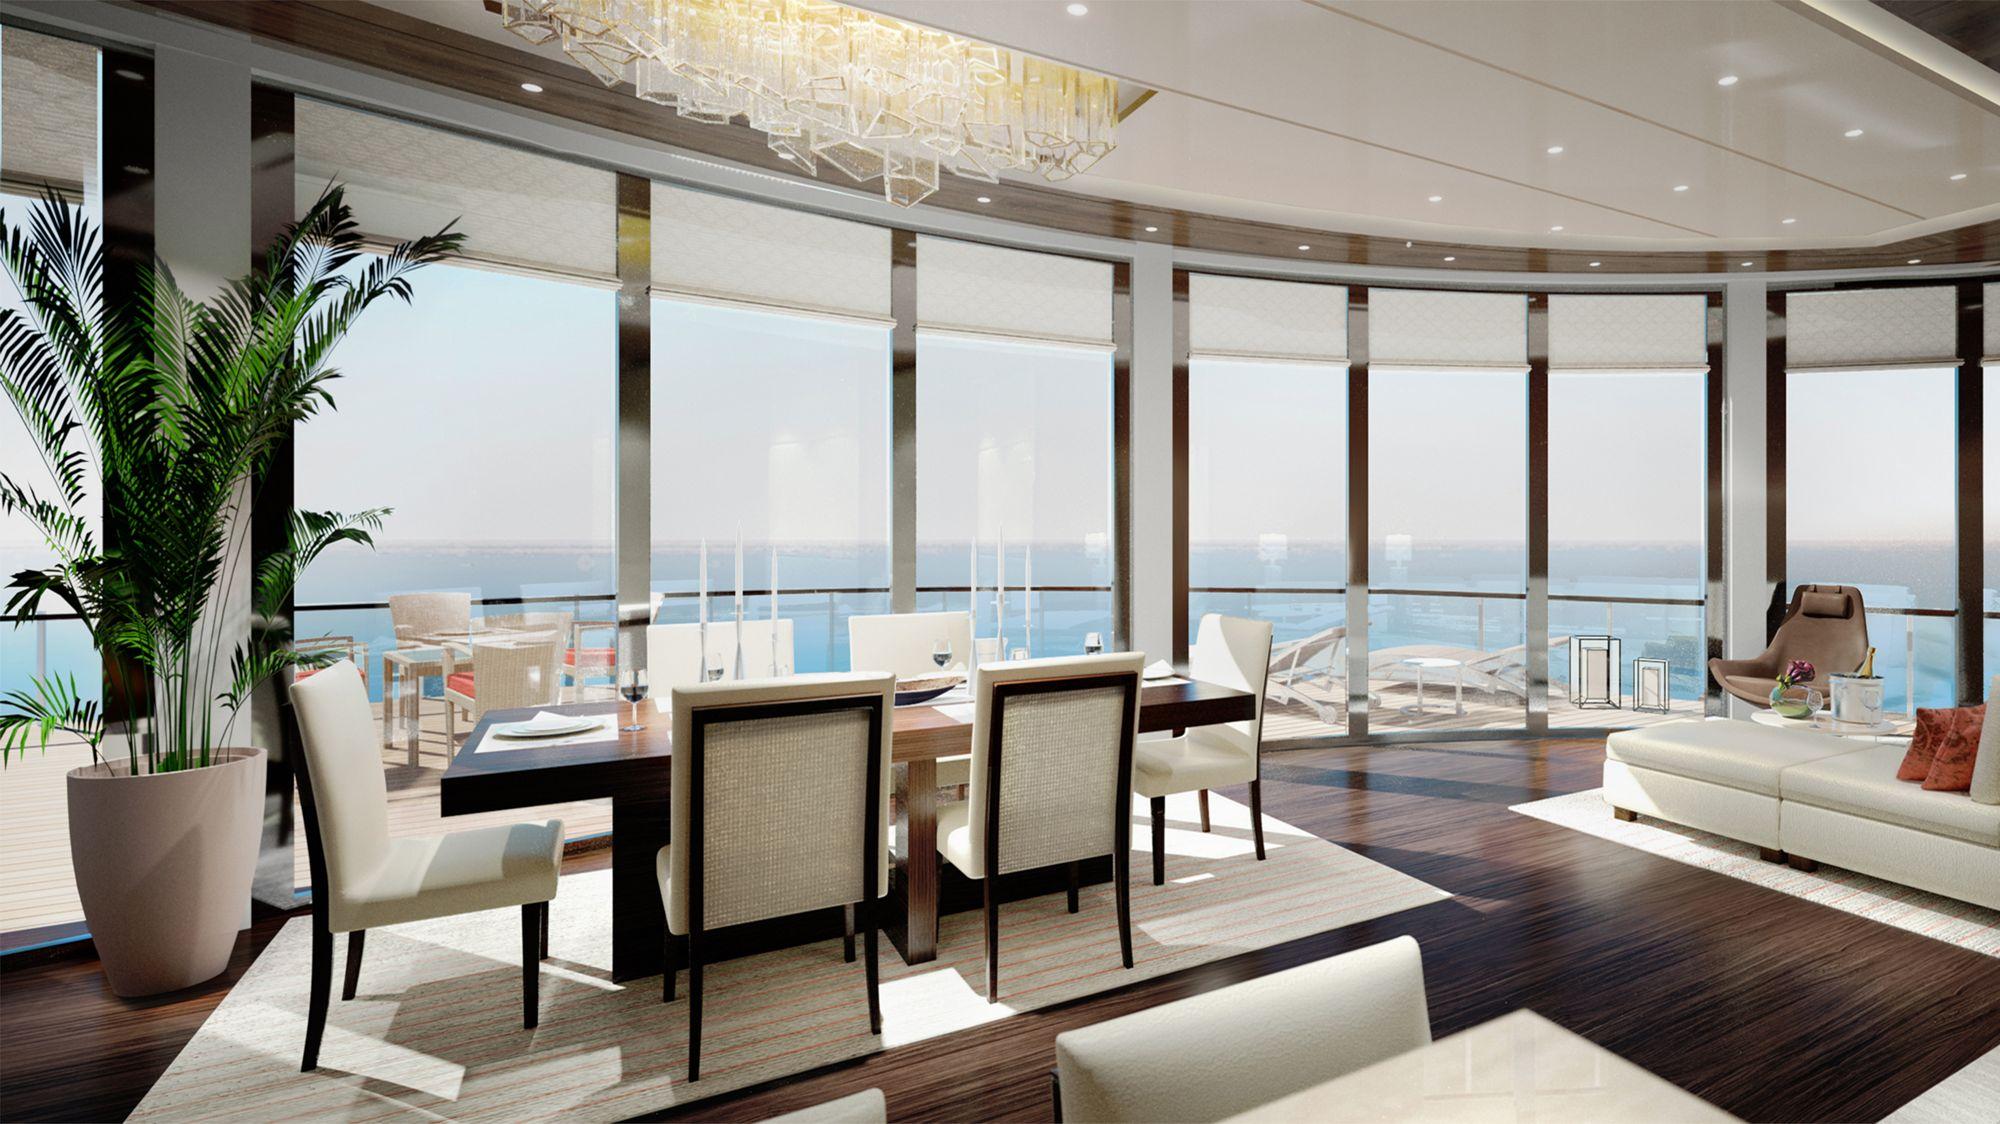 Ab 2019 auf den Weltmeeren der Welt unterwegs: Die Ritz-Carlton Yacht 5